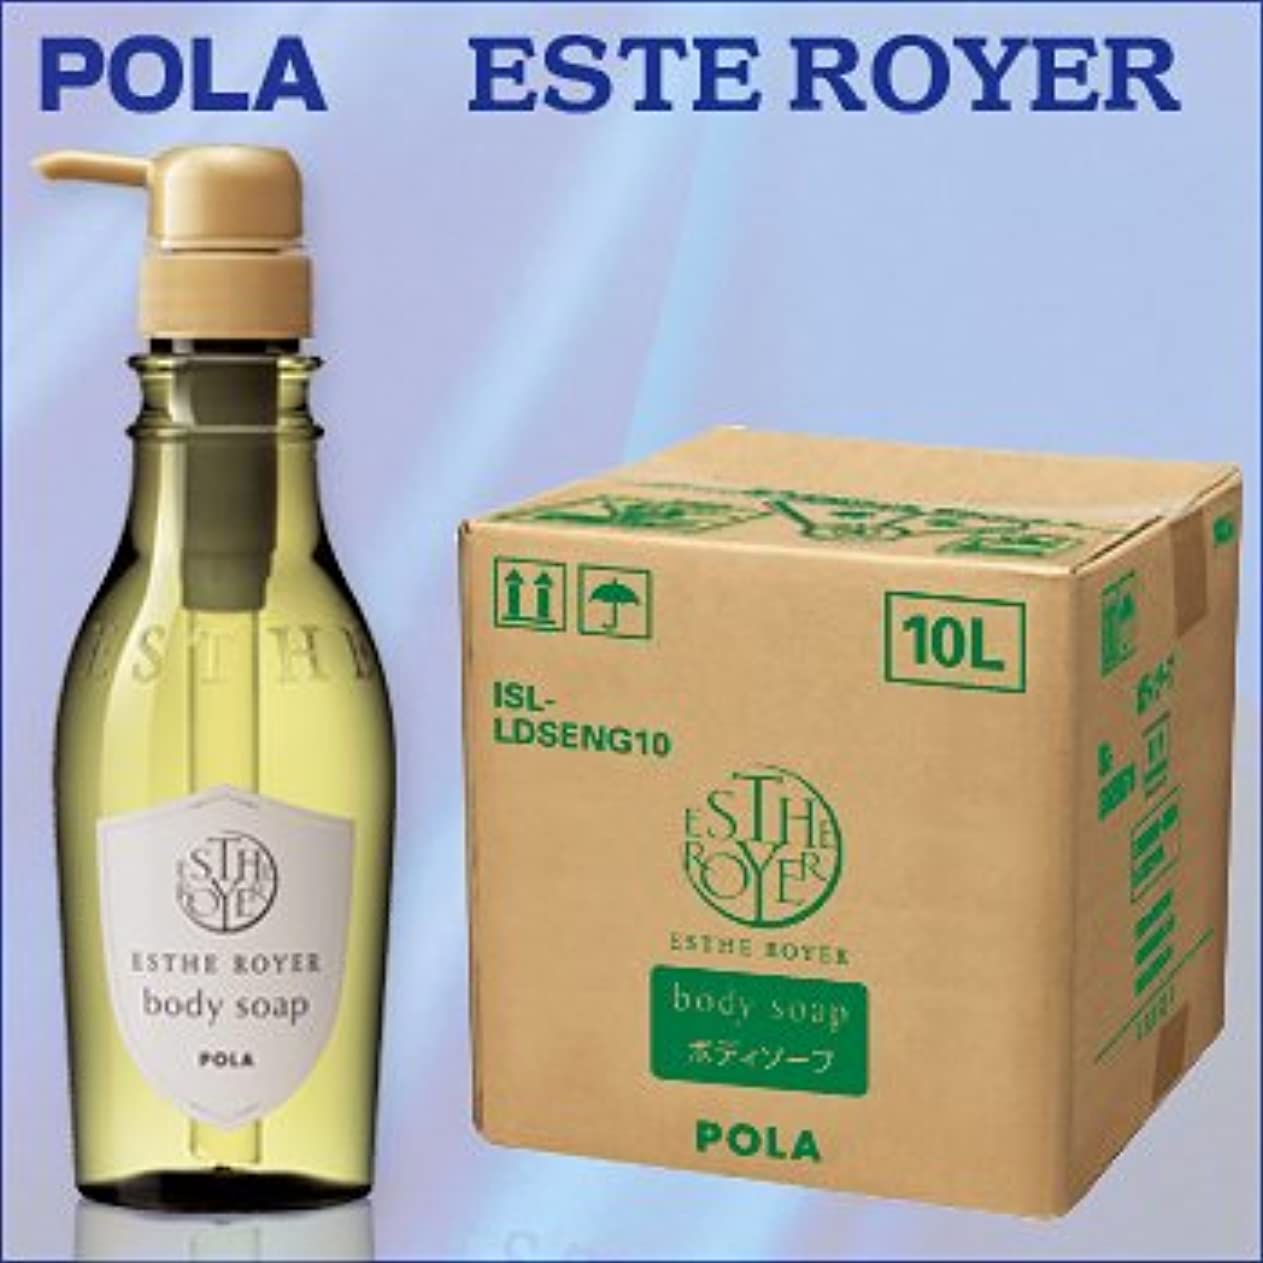 隔離するセットする親密なPOLA エステロワイエ 業務用ボディソープ 10L (1セット10L入)